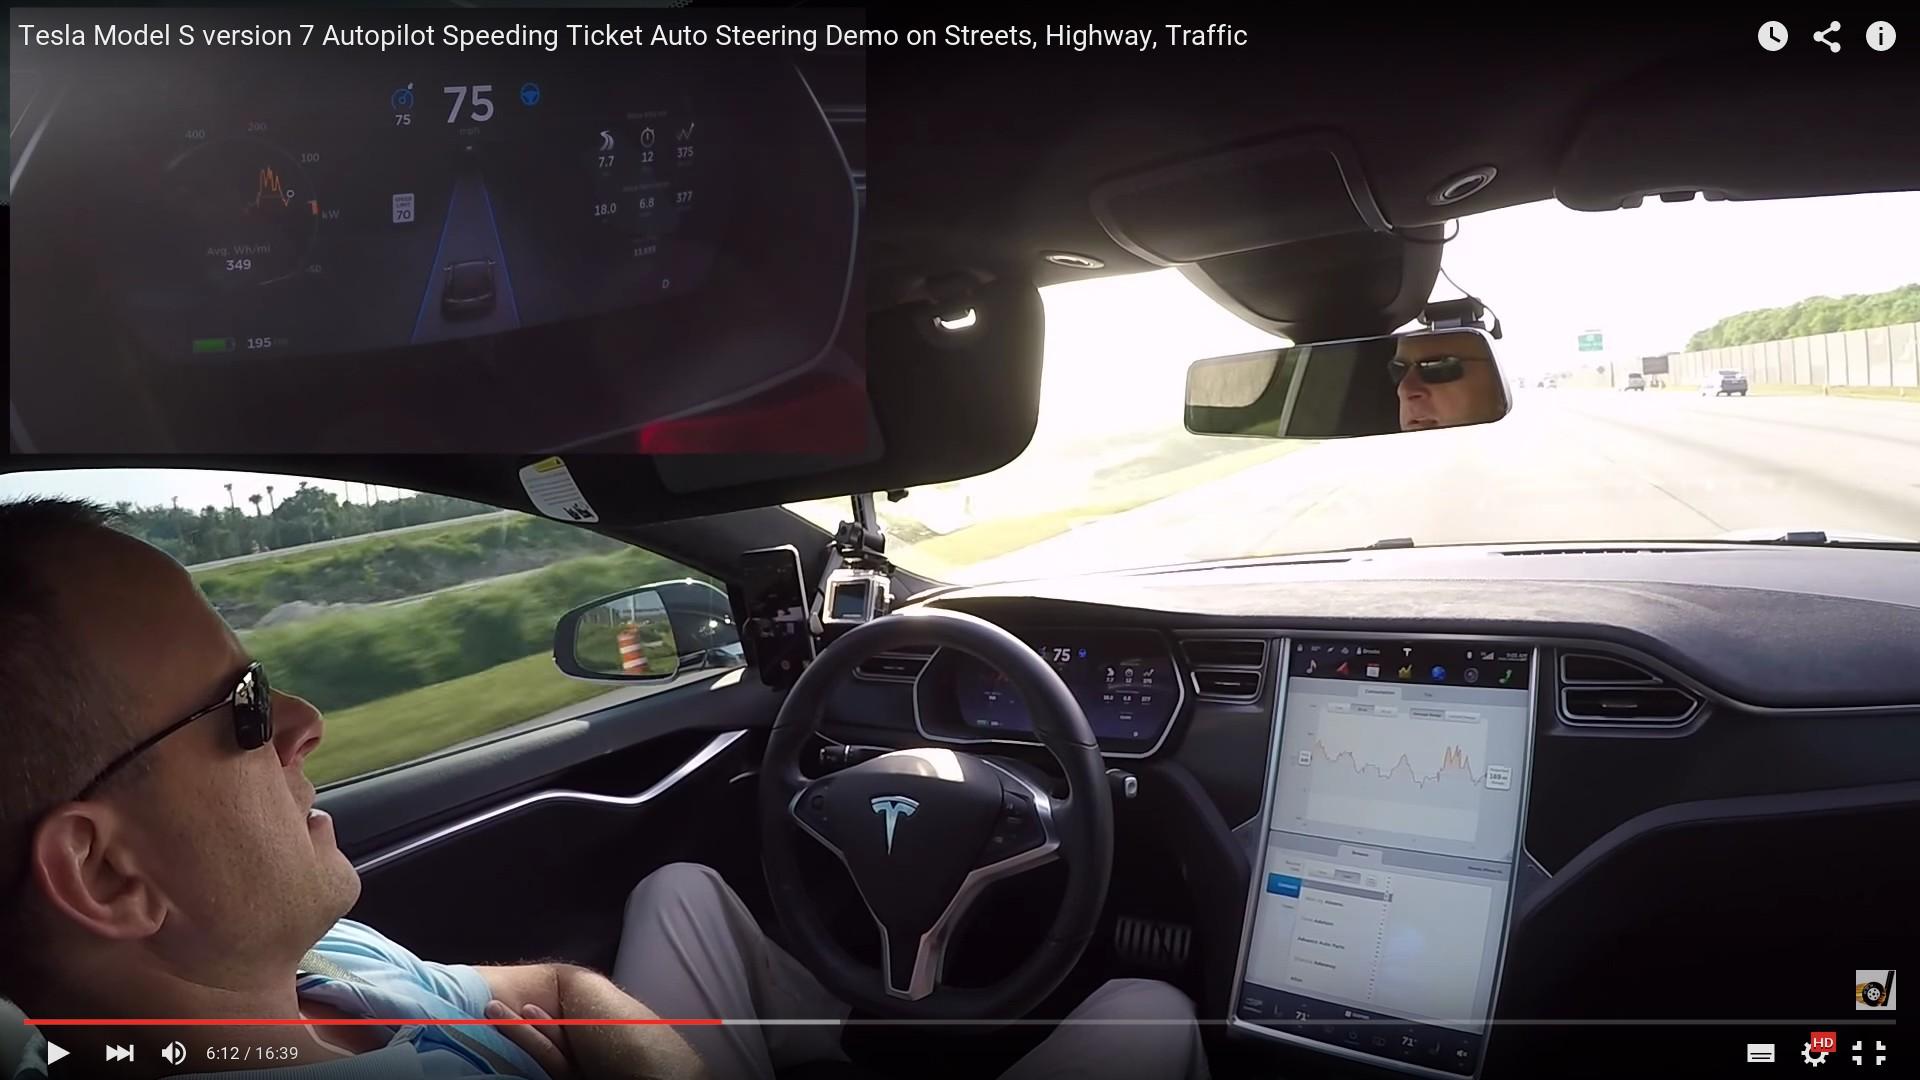 За рулём автопилот — и скорость уже больше допустимой. Несколько минут спустя водитель будет оштрафован.